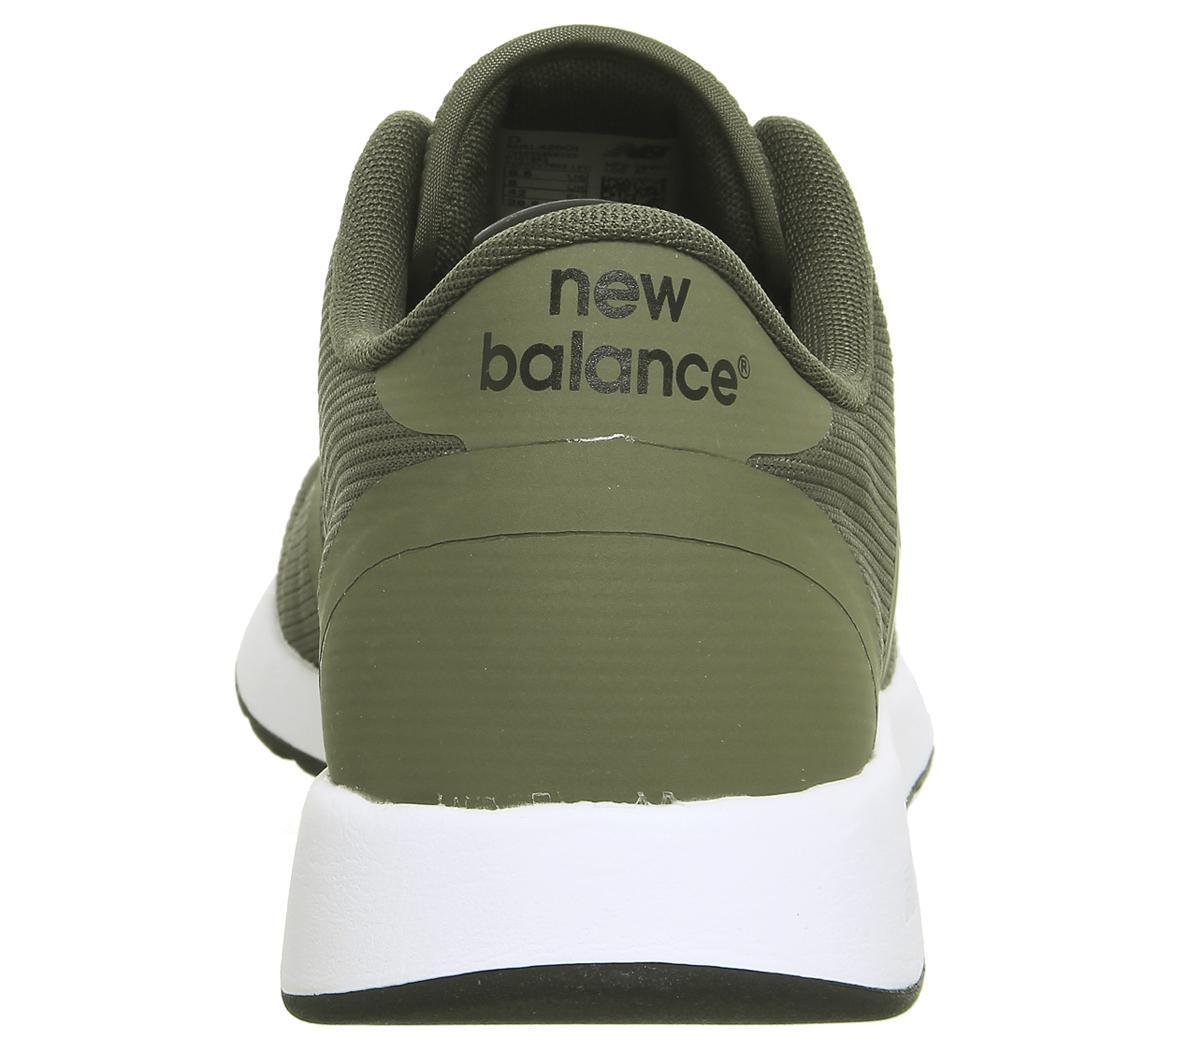 New Balance 420 Trainers Khaki - Unisex